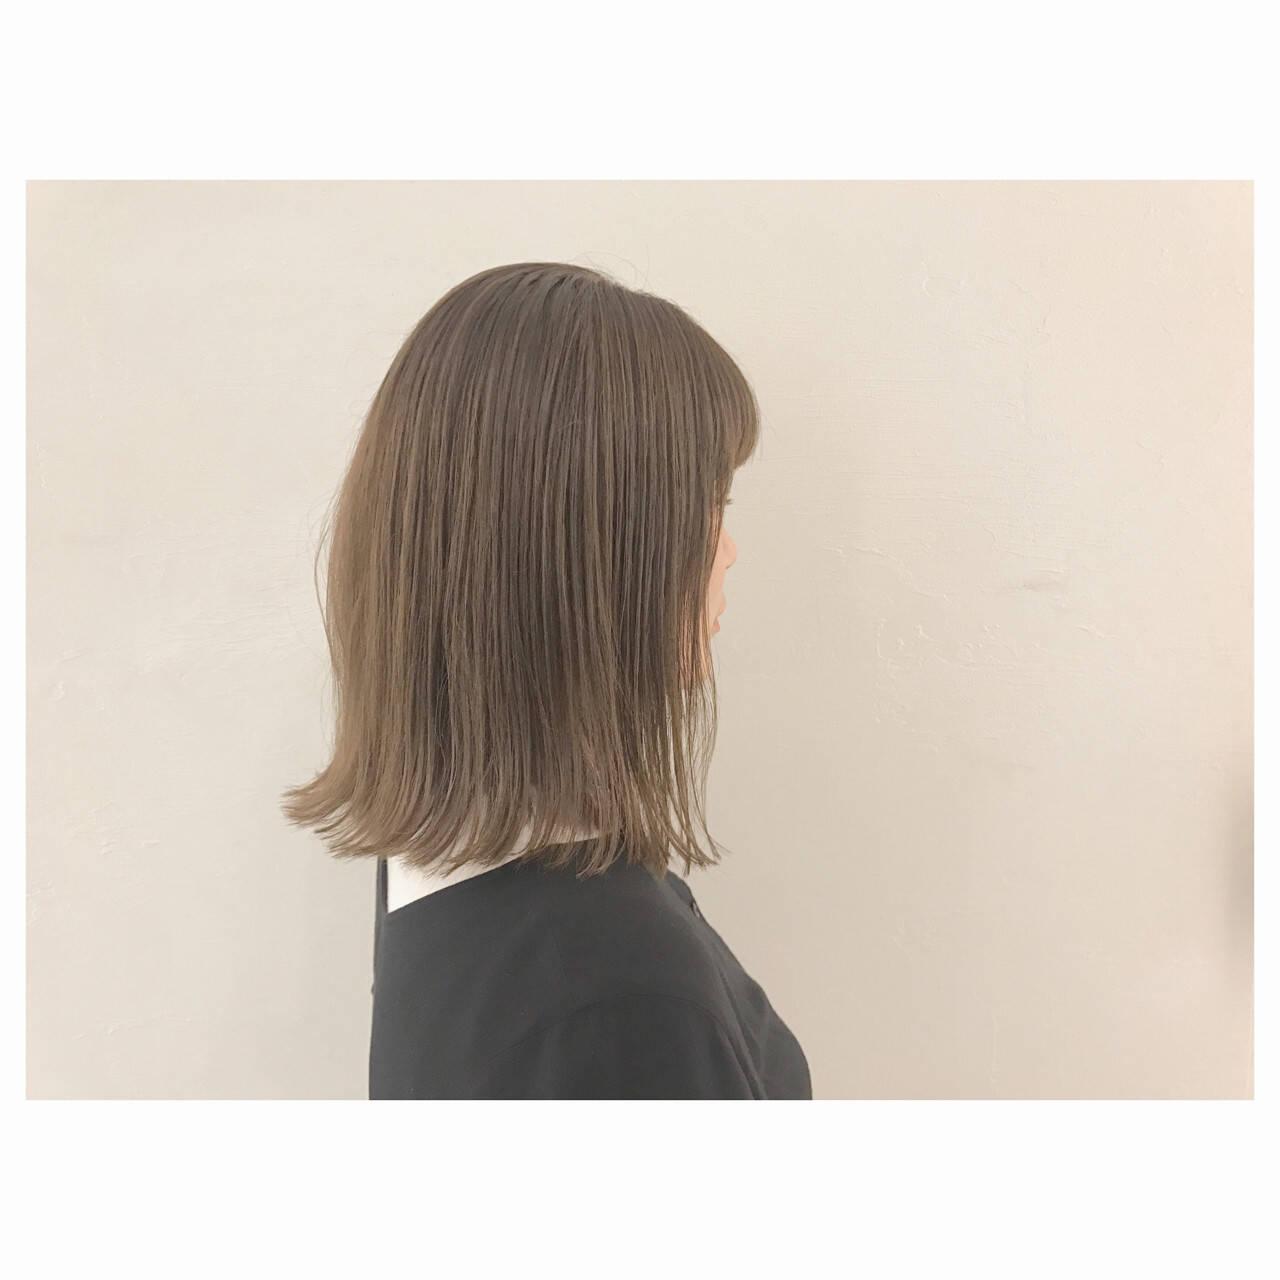 イルミナカラー ミディアム リラックス ロブヘアスタイルや髪型の写真・画像